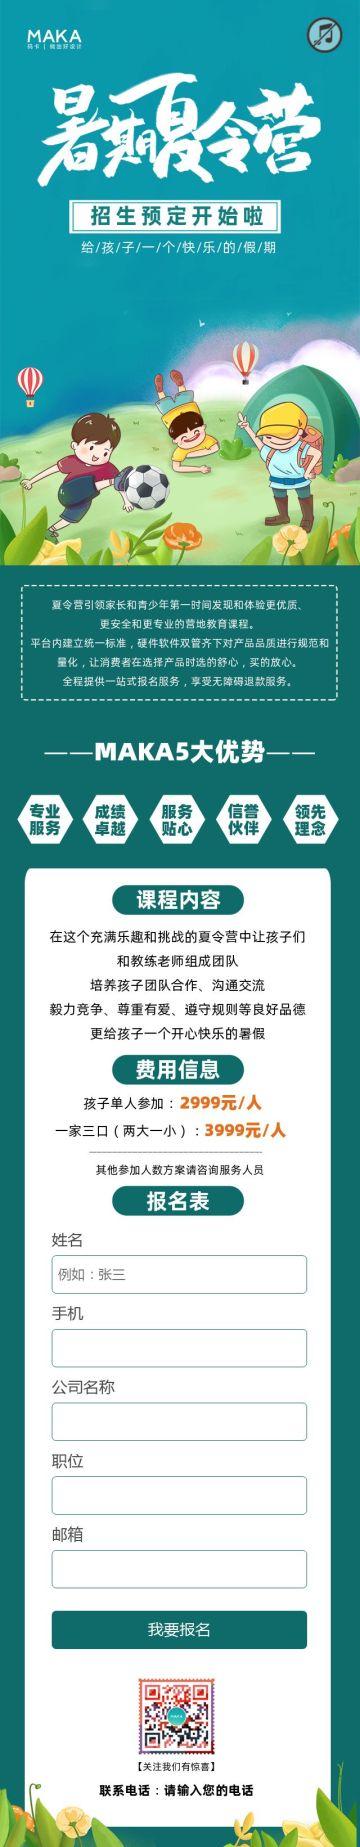 绿色清新卡通风教育行业夏令营招生宣传推广长页H5